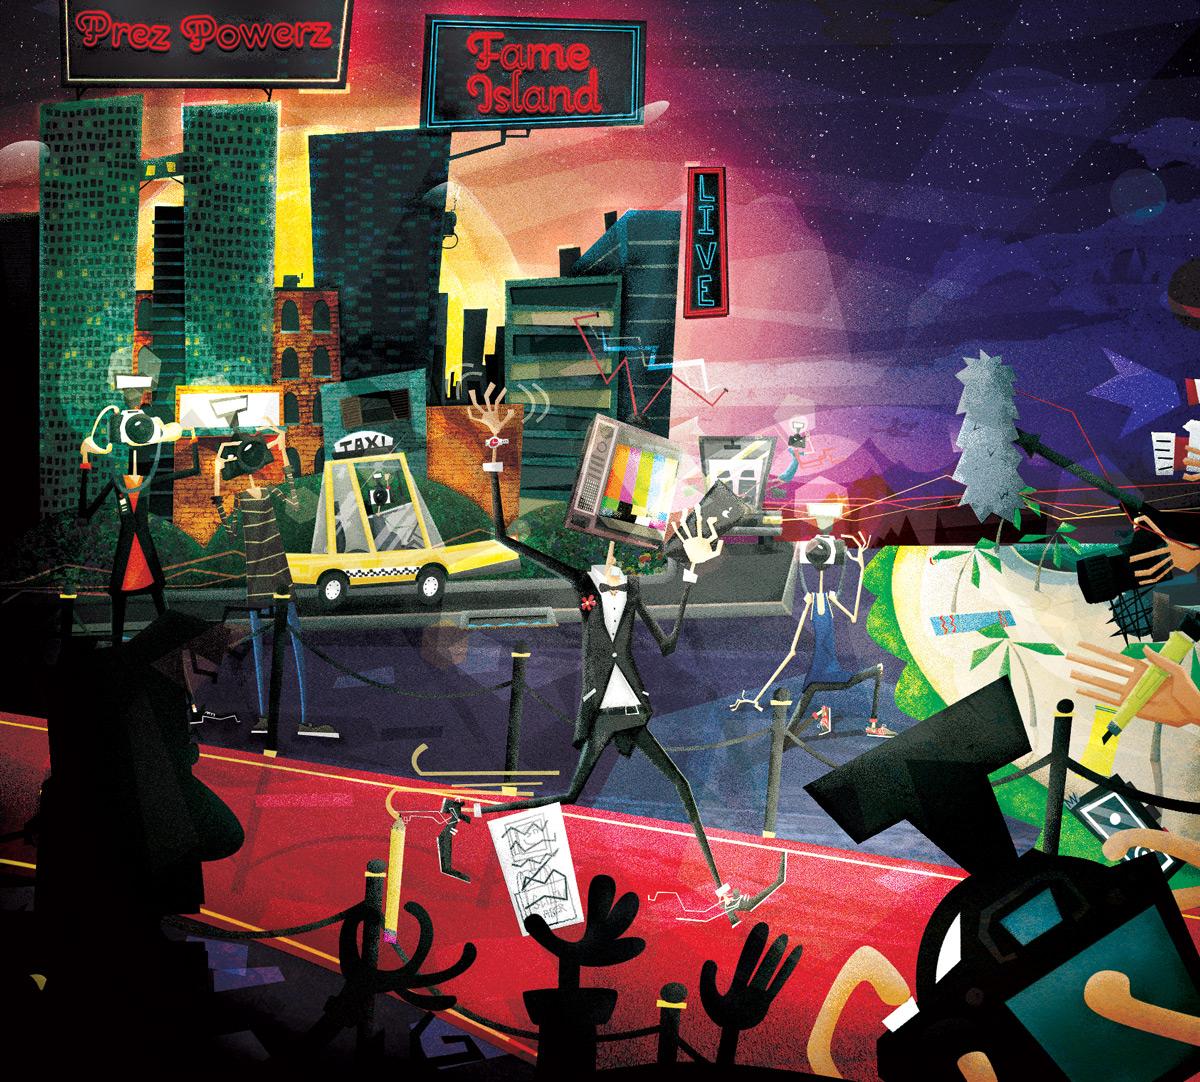 Album art illustration of paparazzi